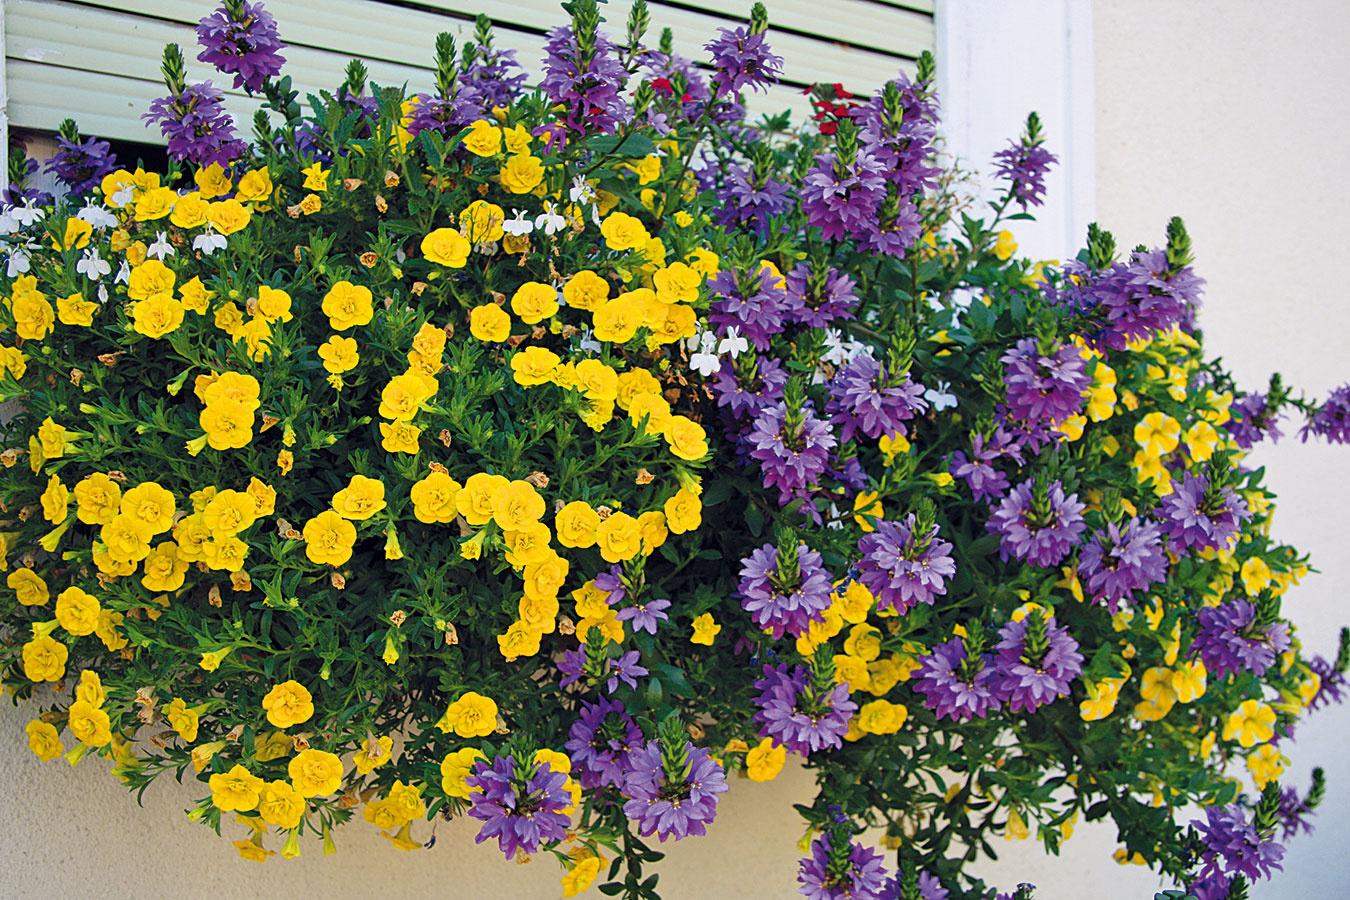 Vmáji si môžete vegetačné nádoby vysadiť kvitnúcimi letničkami. Vyberajte mierne nakvitnuté priesady vždy sohľadom na podmienky daného miesta. Nádoby si môžete vysadiť jedným druhom, prípadne rôznymi kombináciami letničiek so zhodnými pestovateľskými požiadavkami. Na výsadbu treba používať výlučne substrát na kvitnúce balkónové rastliny. Na slnečných miestach dobre porastú muškáty, petúnie, sanvitálie, dvojzubec, osteospermum, minipetúnie, ageráty či aksamietnice, vpolotieni krásne rozkvitne bakopa adariť sa bude aj netýkavkám, fuksiám, begóniám aokrasnému tabaku. Skladbu kvitnúcich rastlín môže doplniť hortenzia. Do výsadby je vhodné zakomponovať aj druhy okrasné listom, napríklad plektrant.